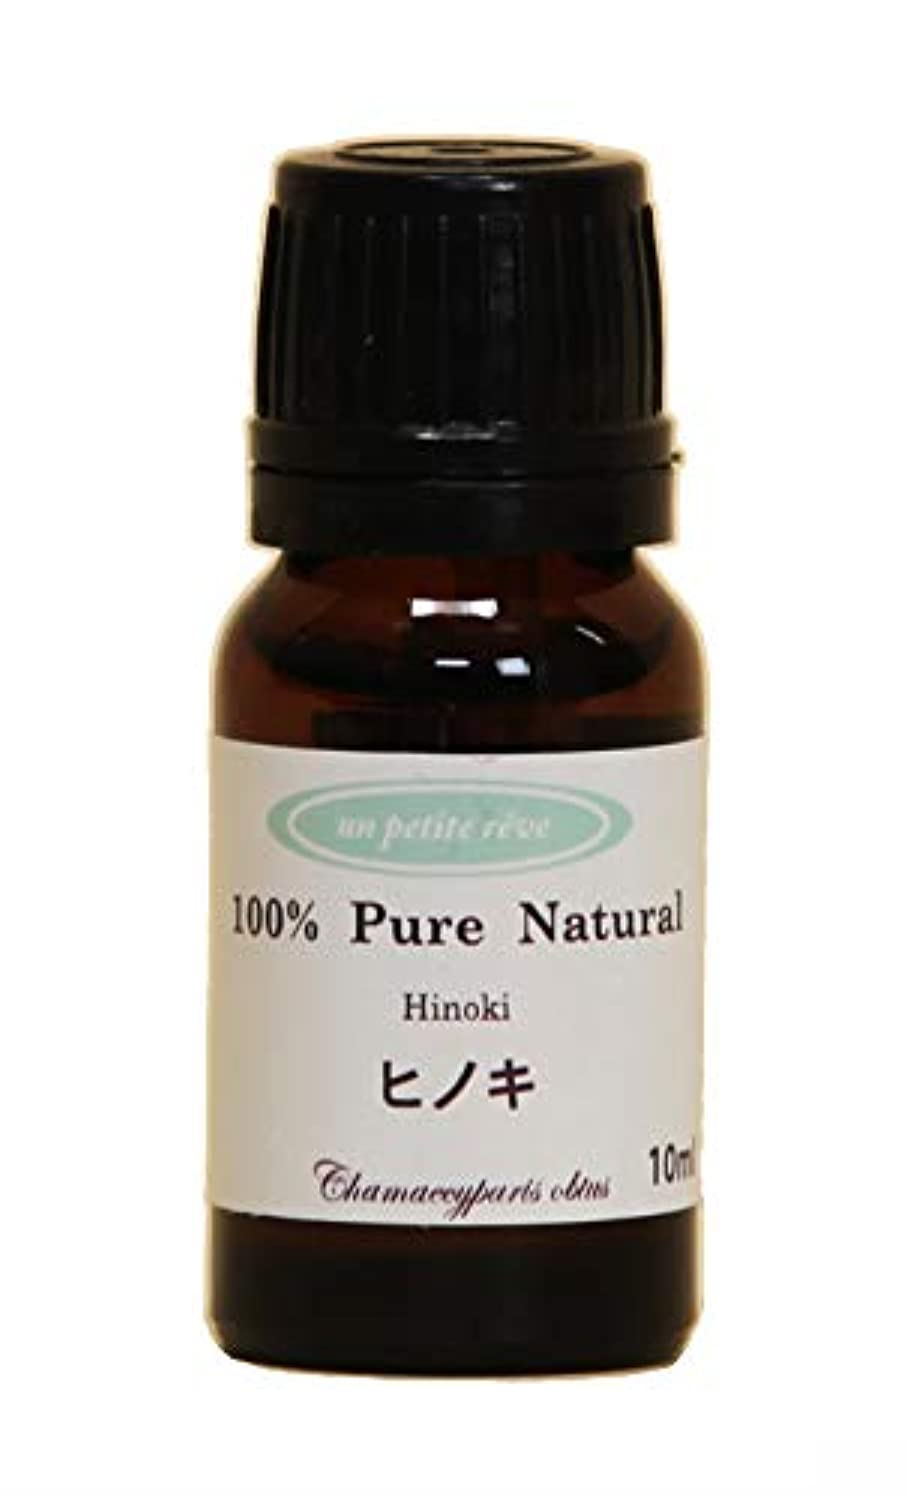 オープナー同様に安心ヒノキ 10ml 100%天然アロマエッセンシャルオイル(精油)